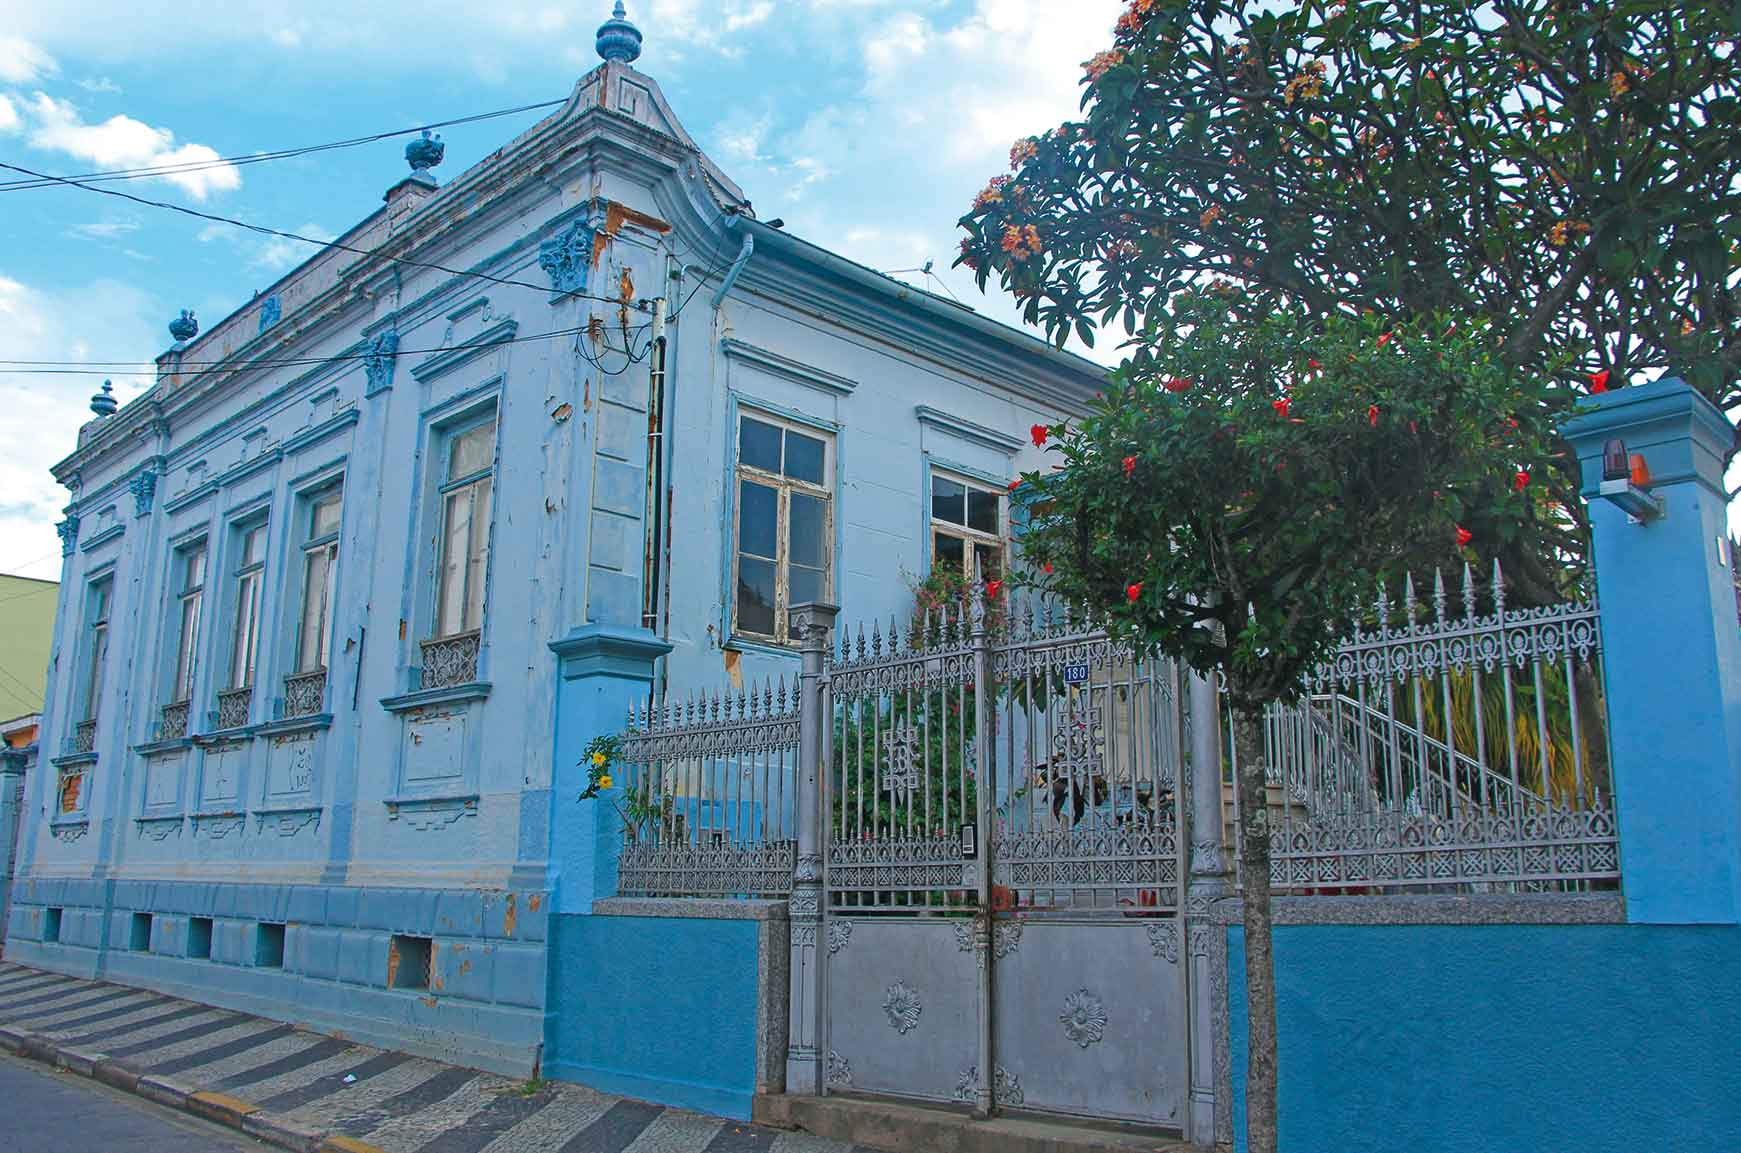 Bragança Paulista - Palacete do Barão de Itapema